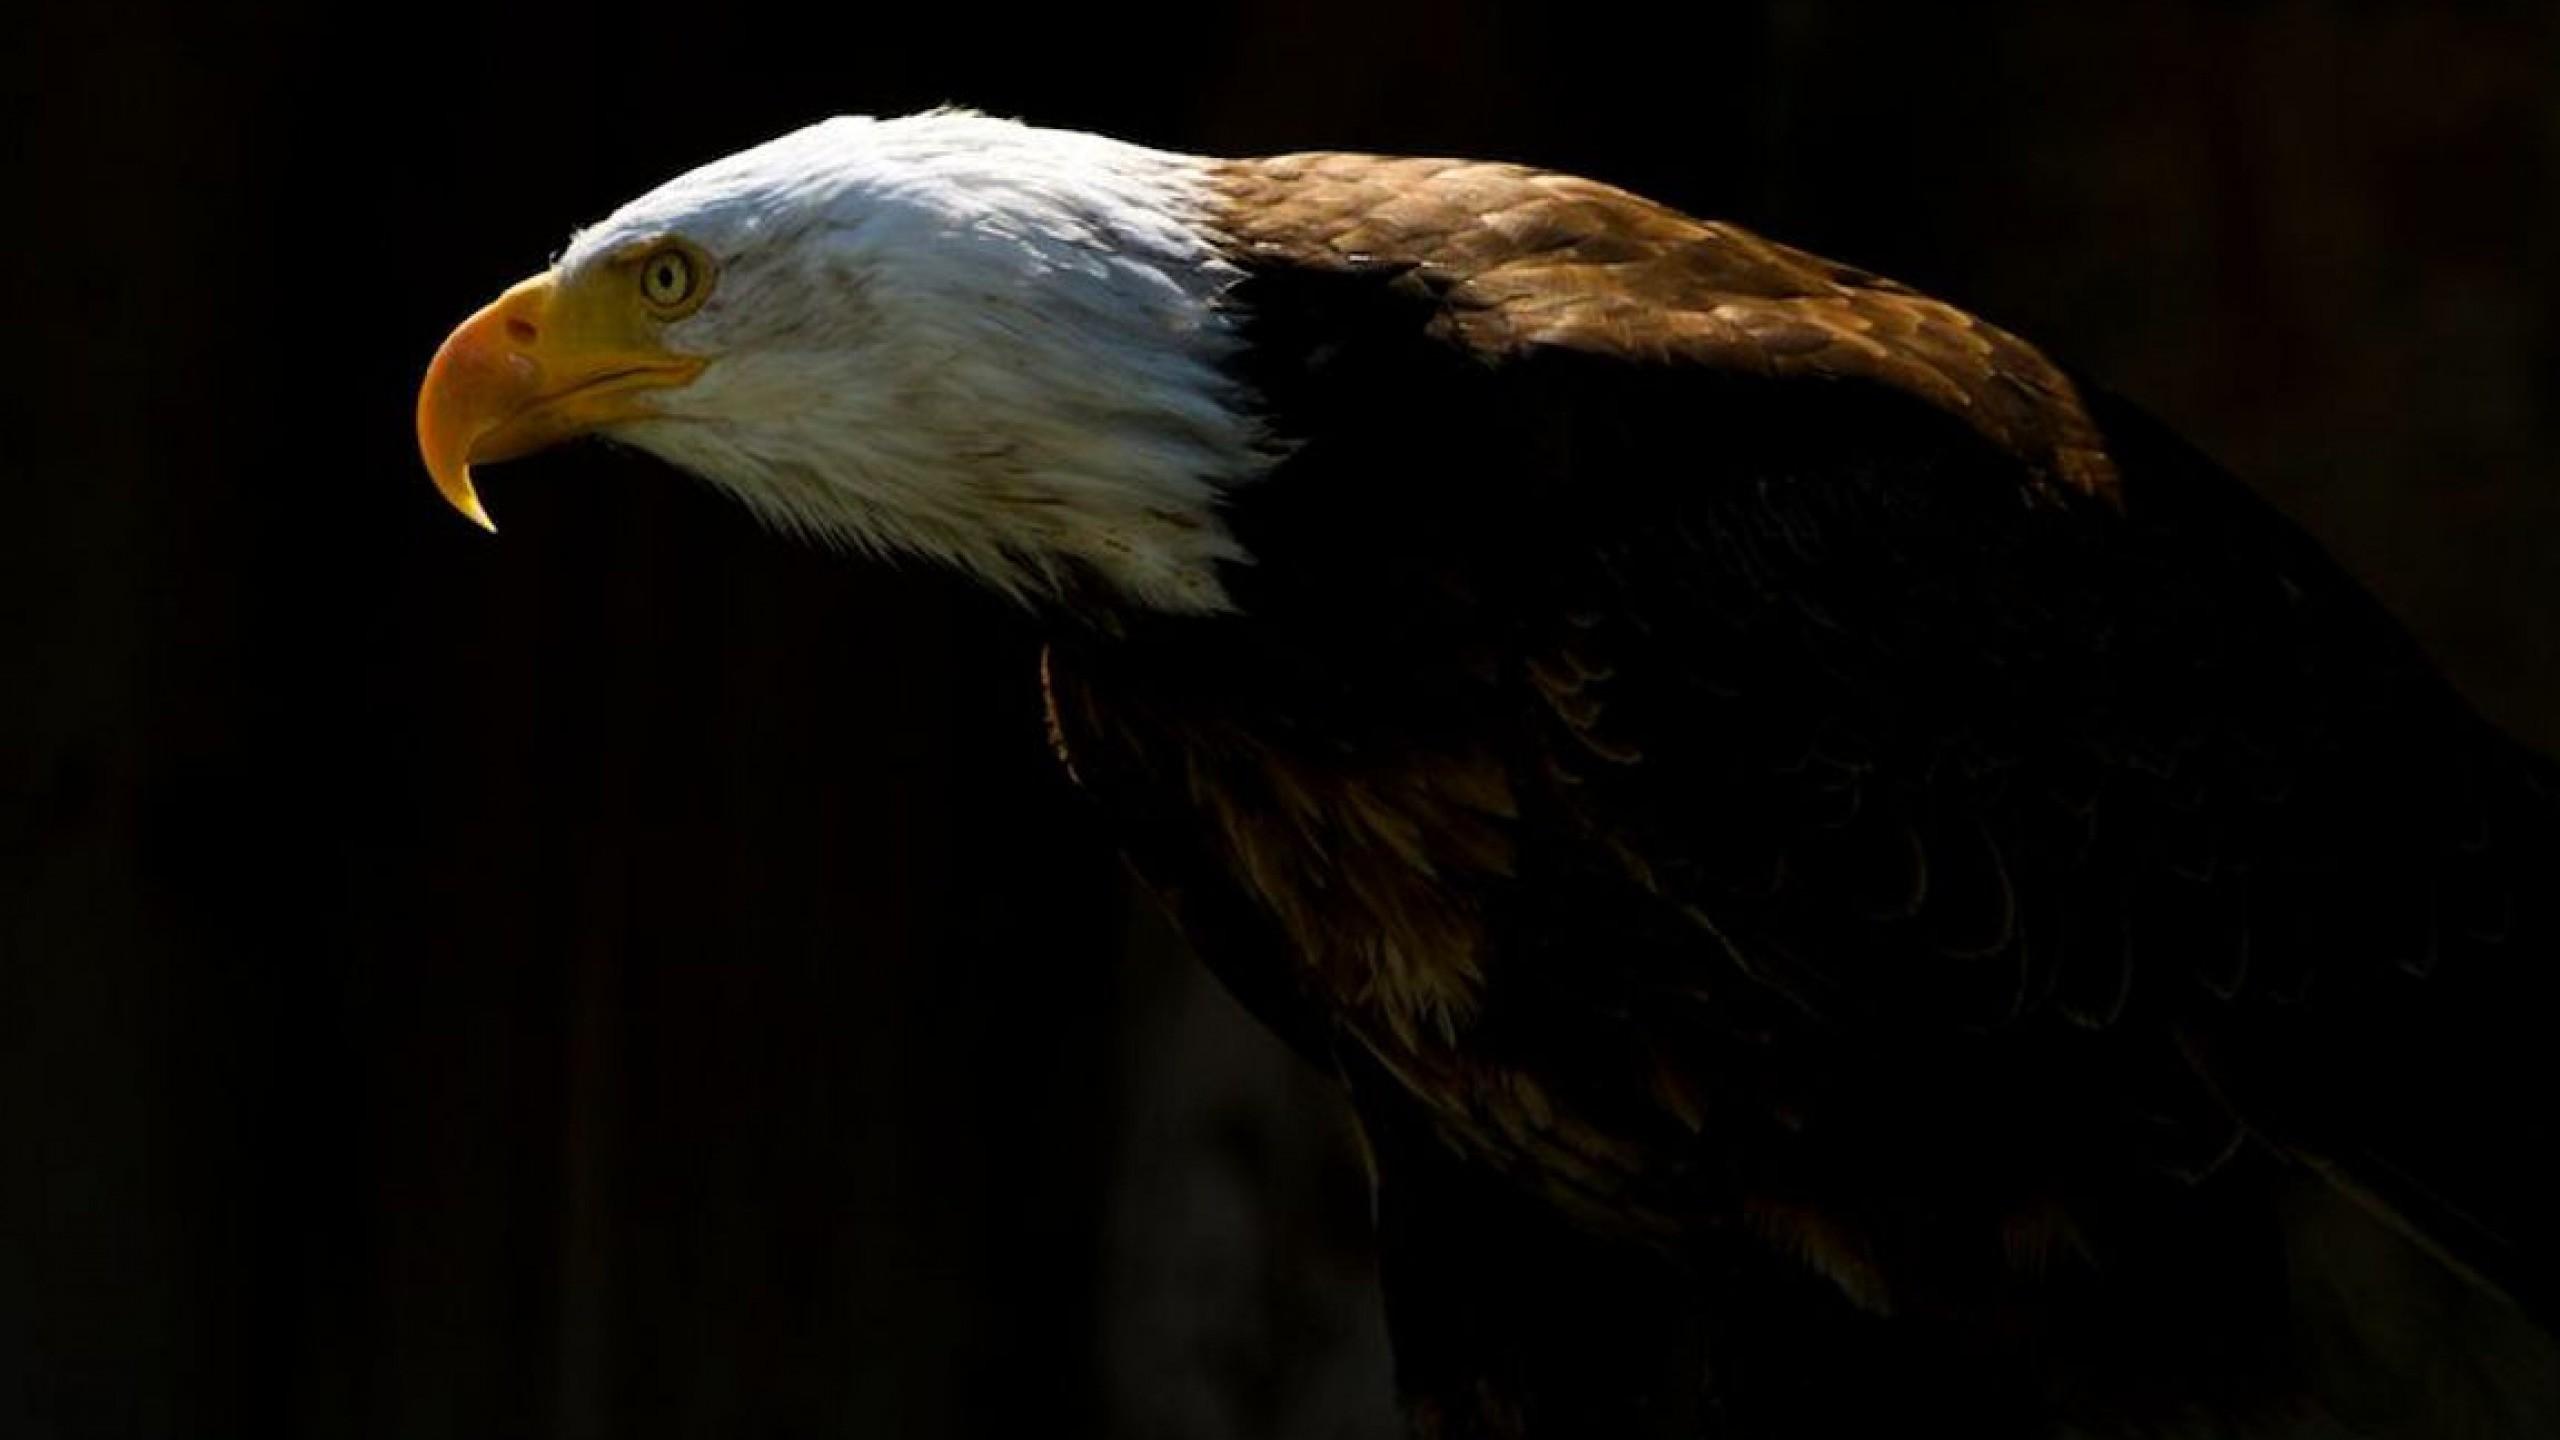 Res: 2560x1440, Bald Eagle Wallpaper HD 19761